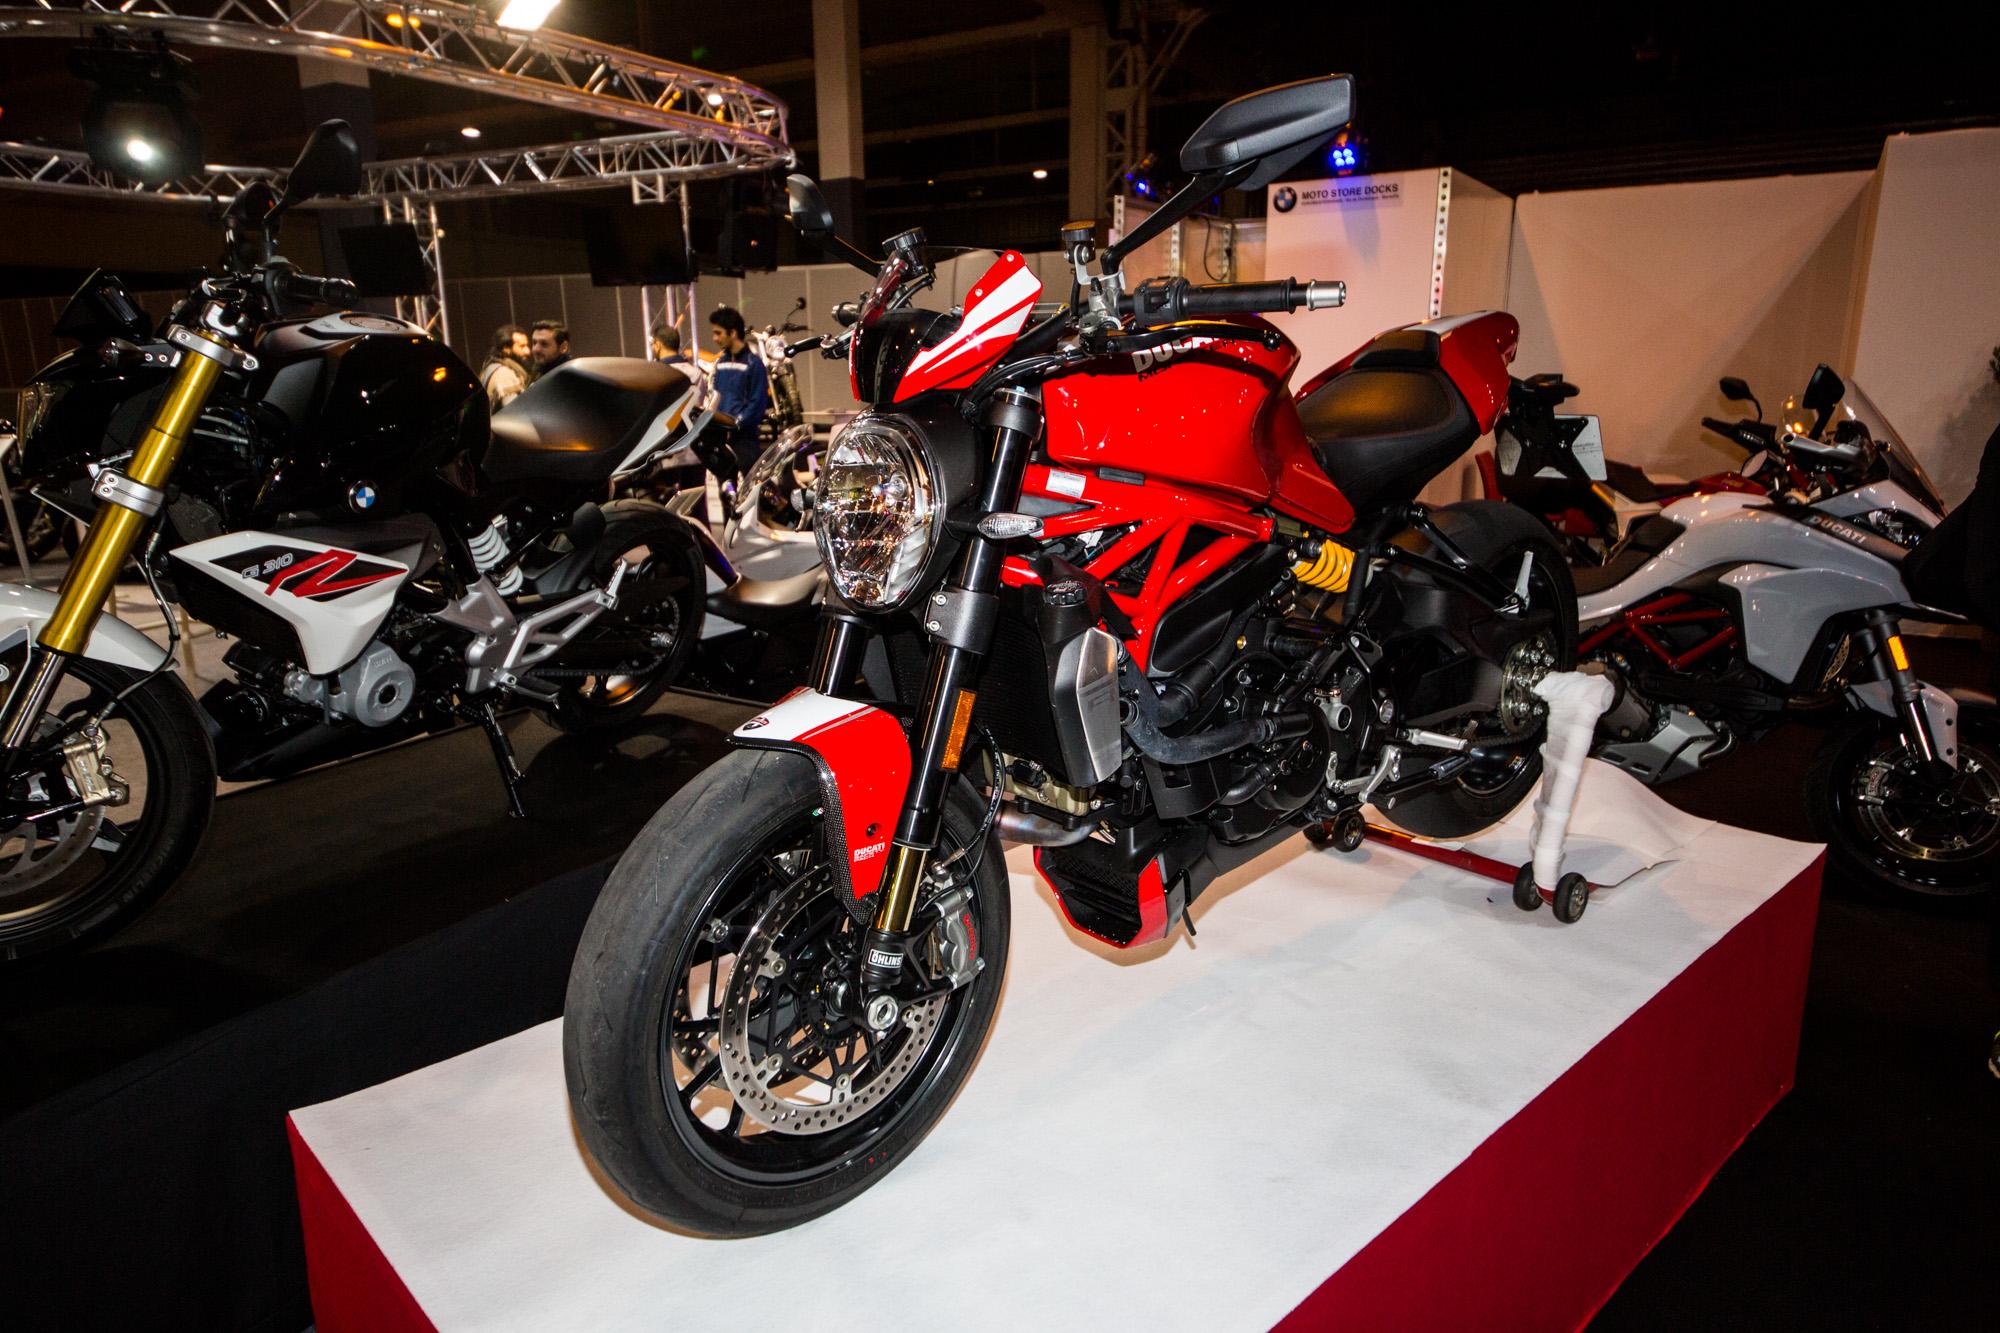 Salon de la moto du scooter et du quad 2016 la chronique for Salon de la moto 2016